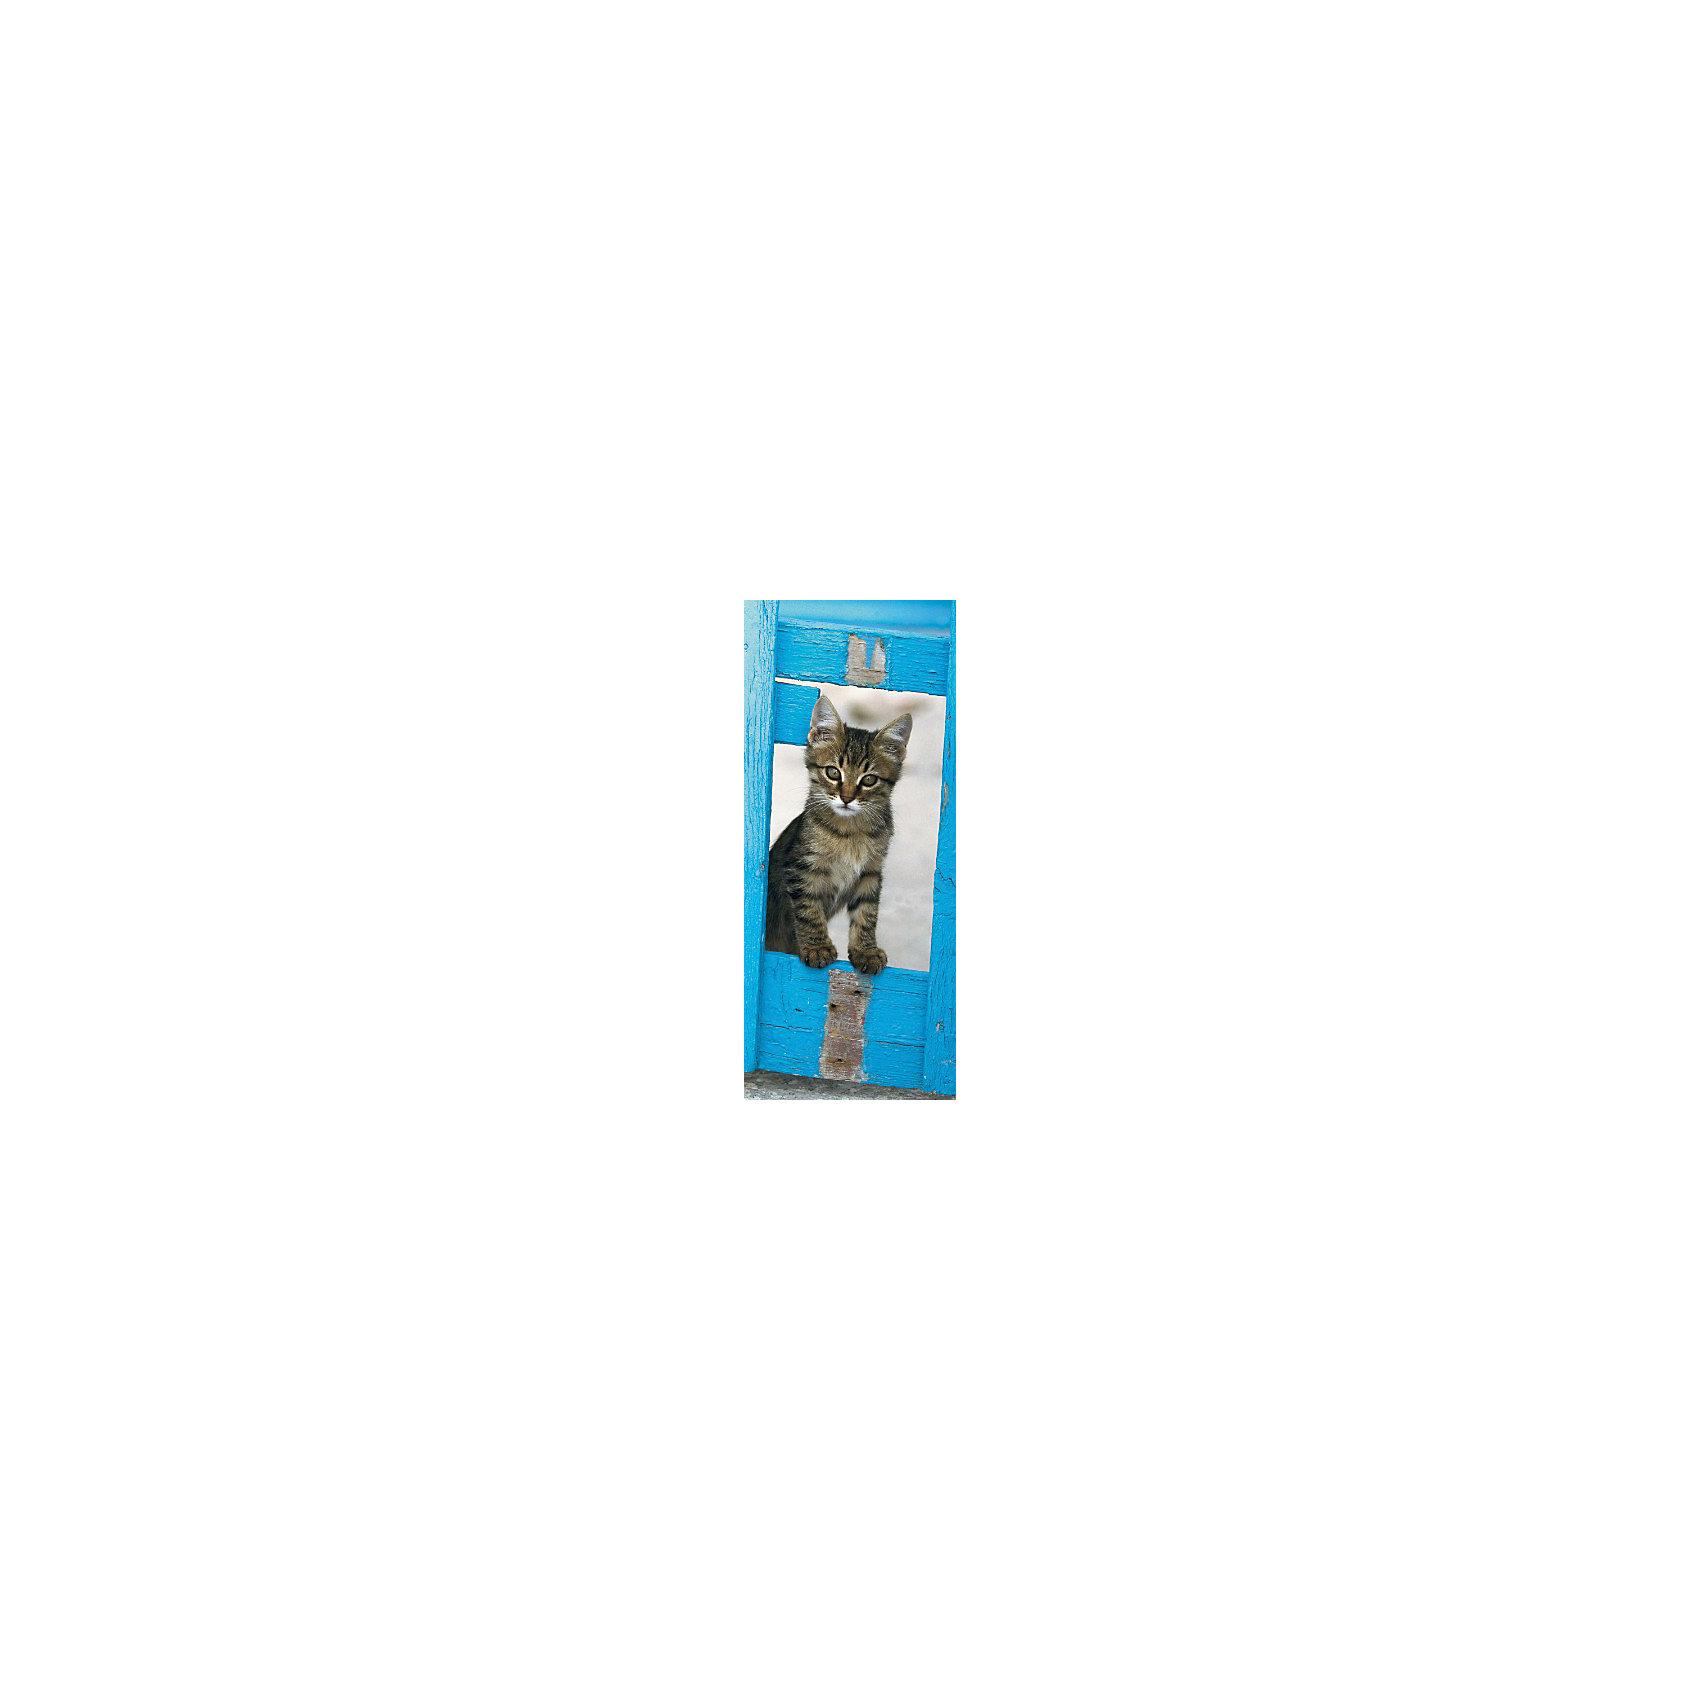 """Вертикальный пазл """"Любопытный котенок"""", 170 деталей, Ravensburger от myToys"""